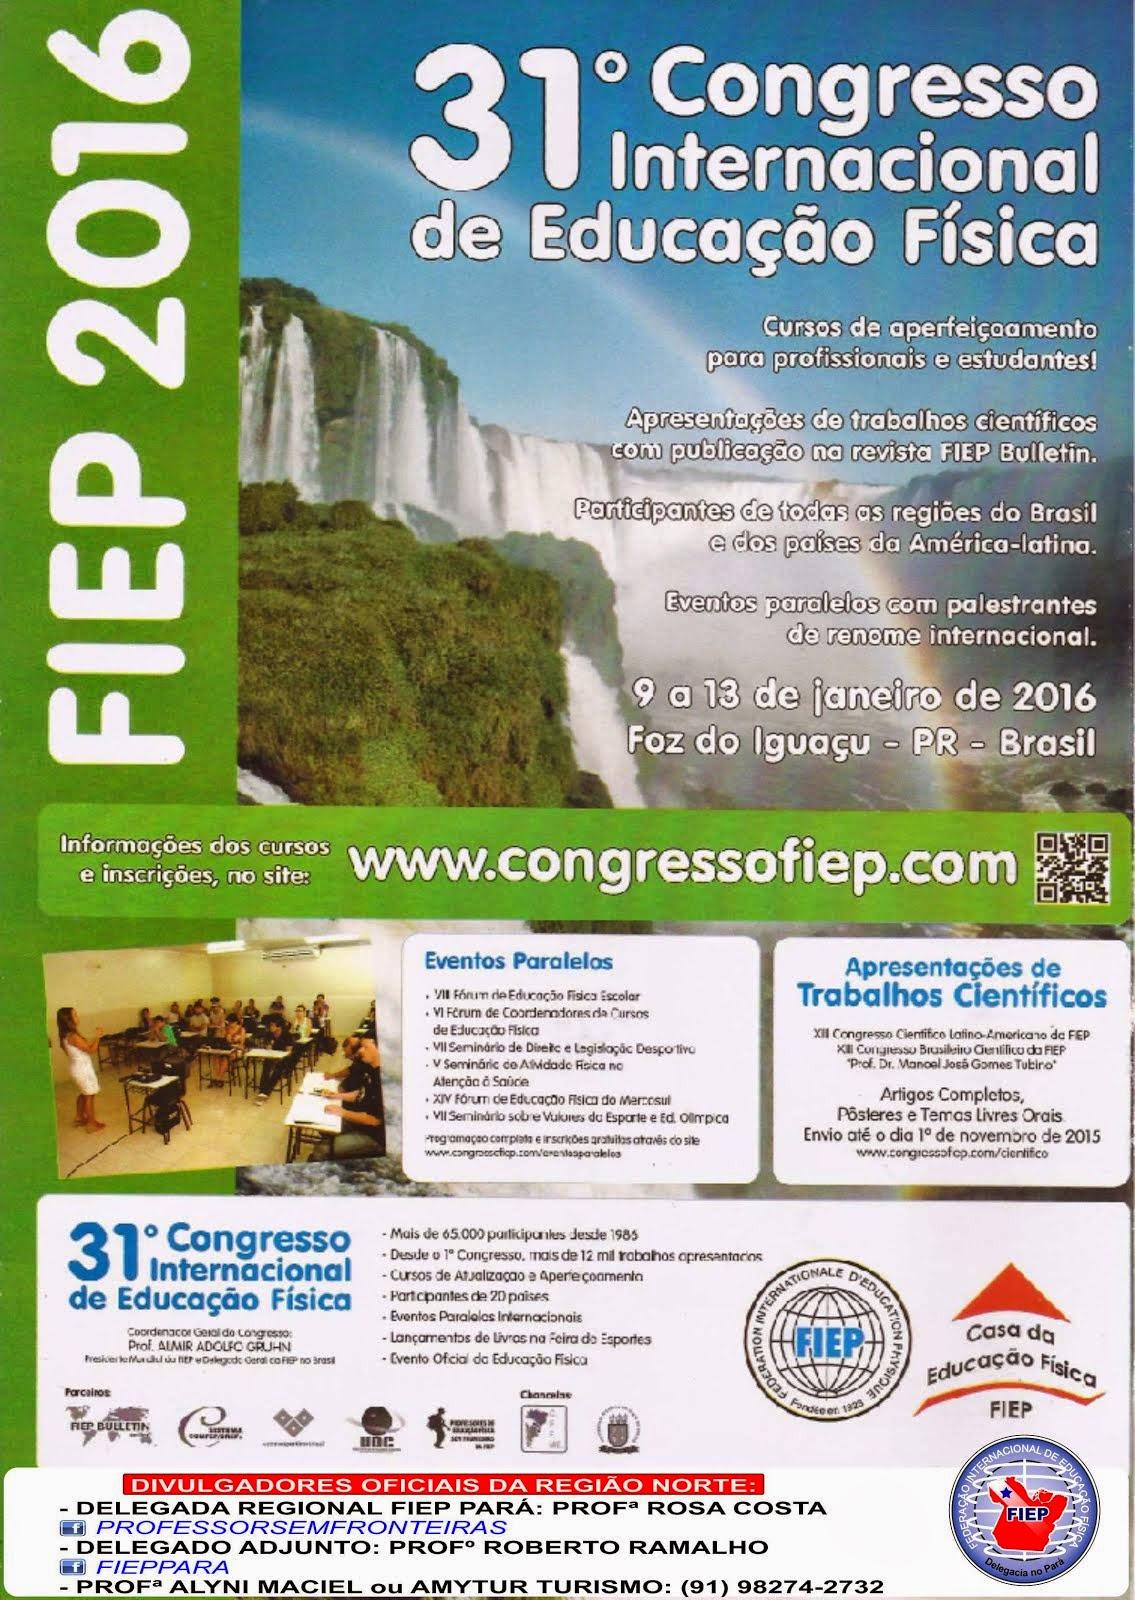 Viva o 31º Congresso Internacional de Educação Física!